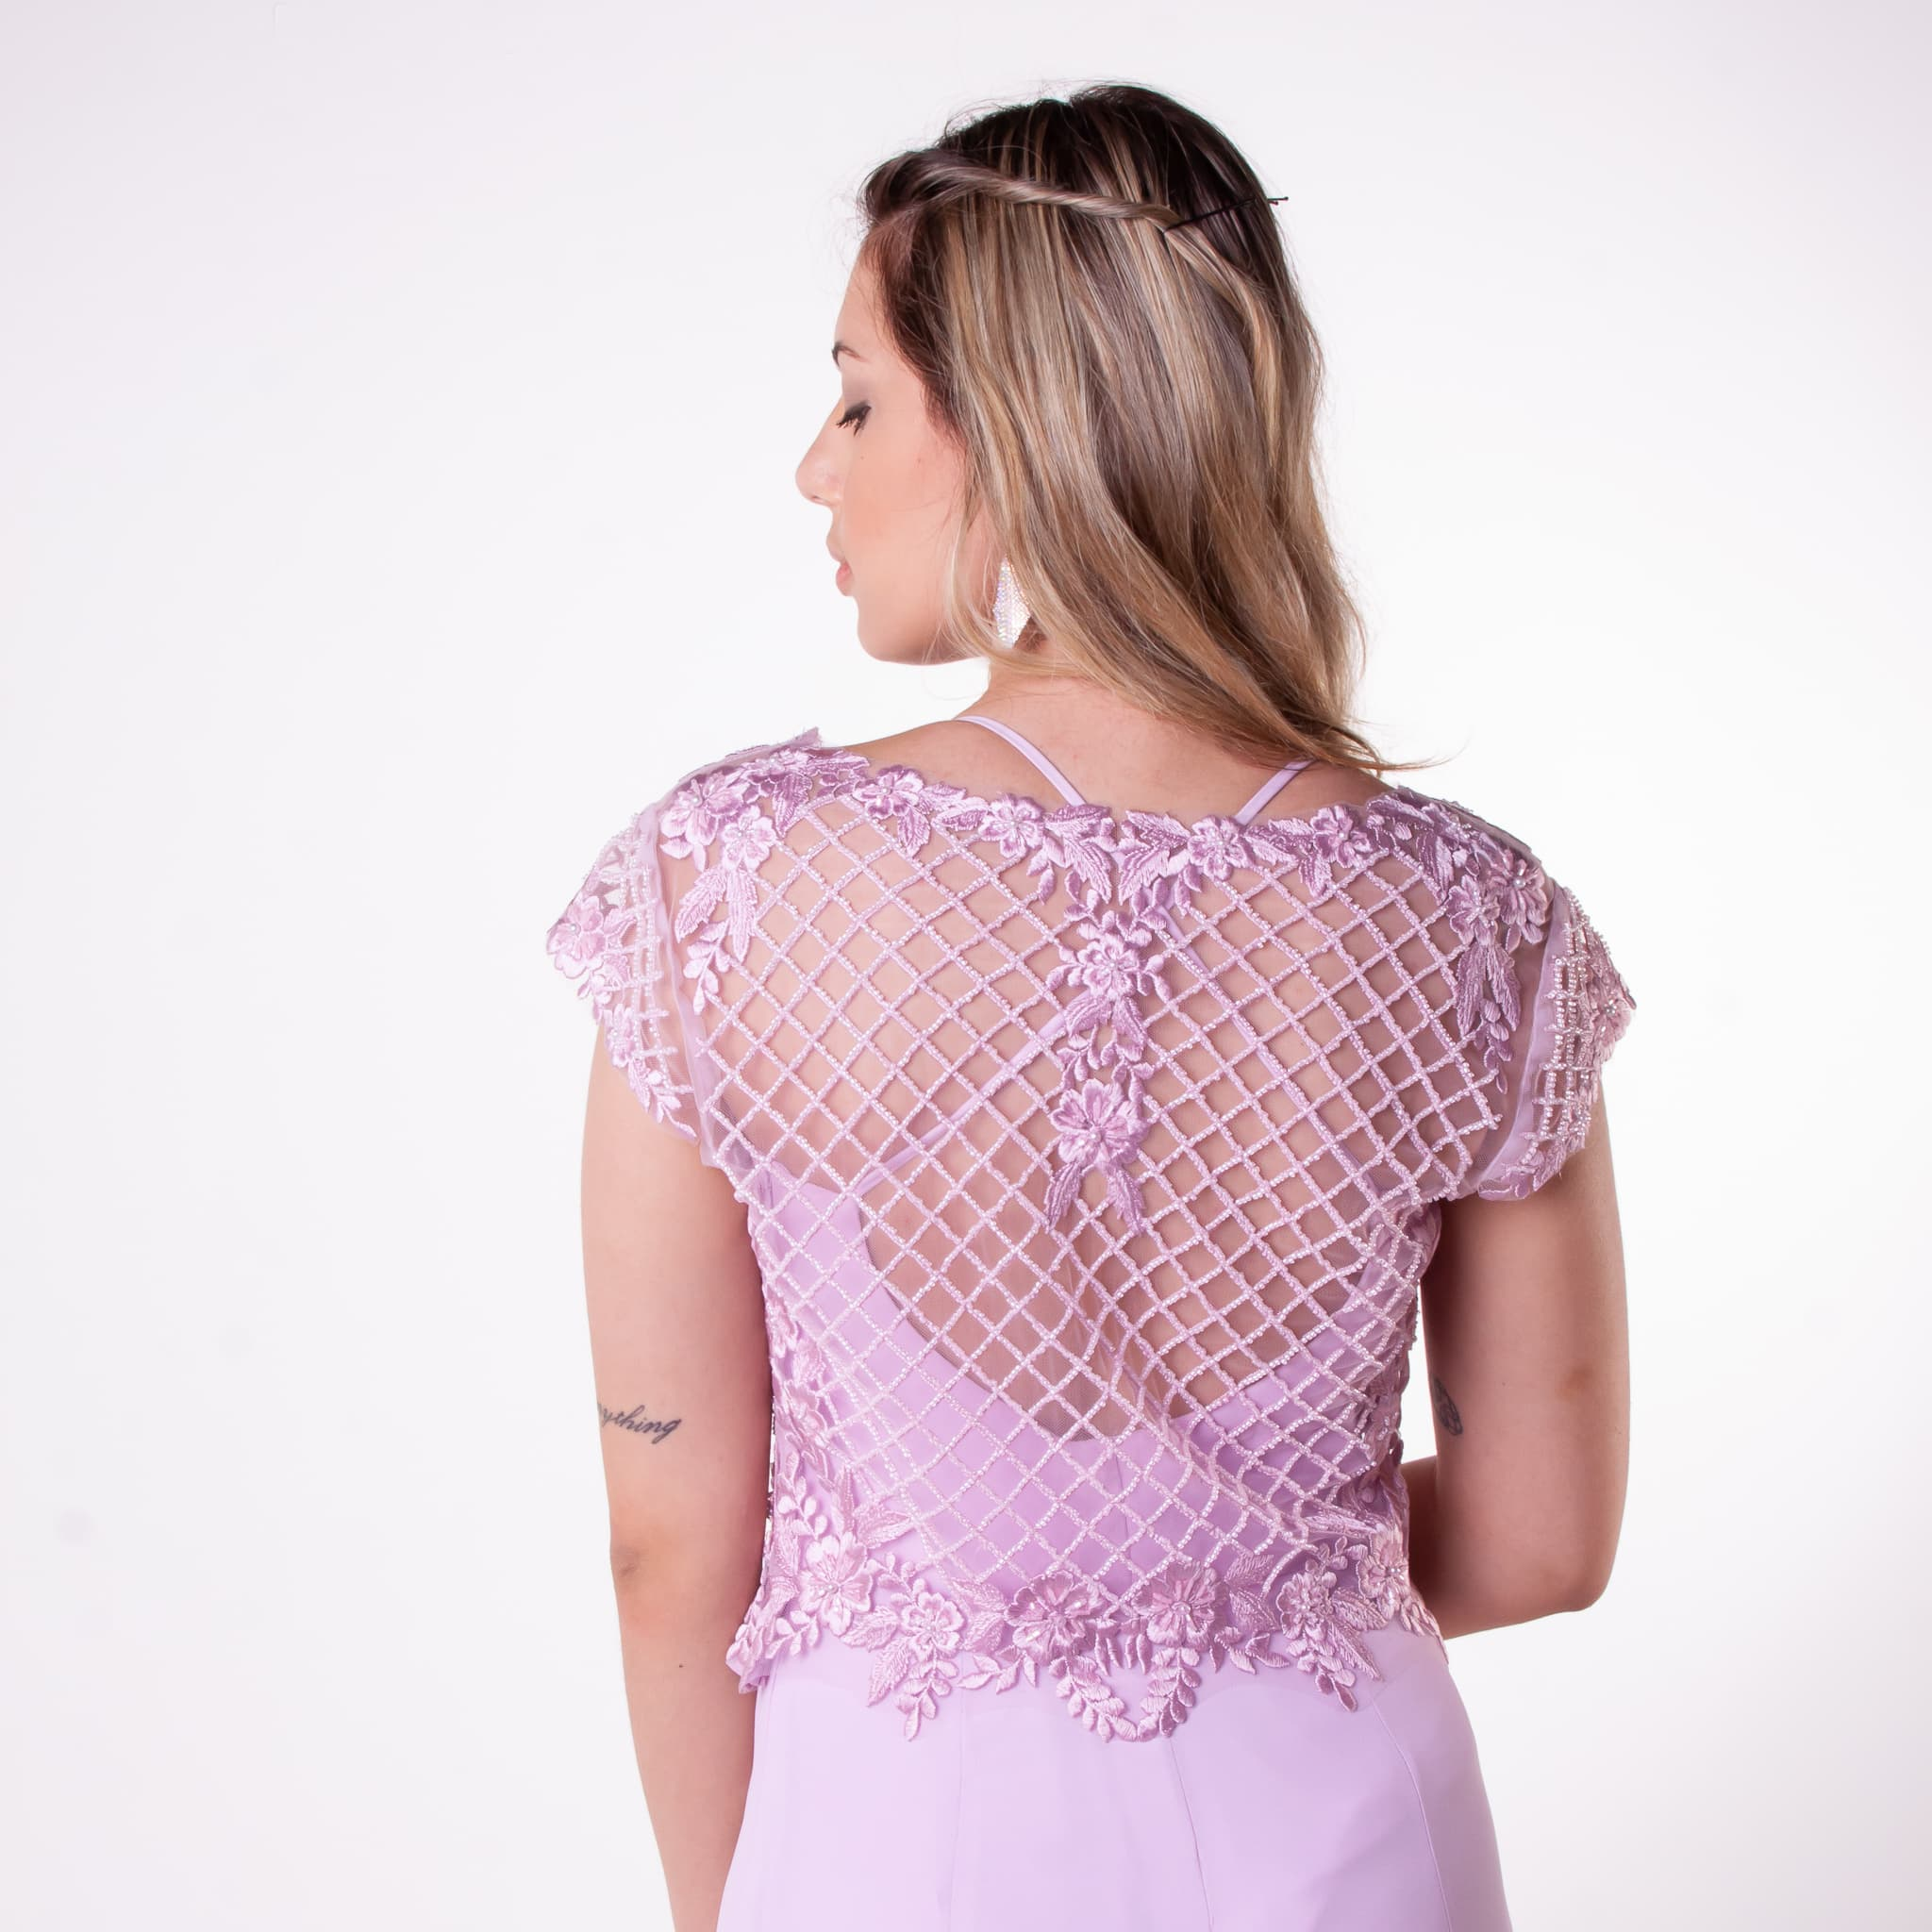 21 - vestido lilás com sobreposição de renda